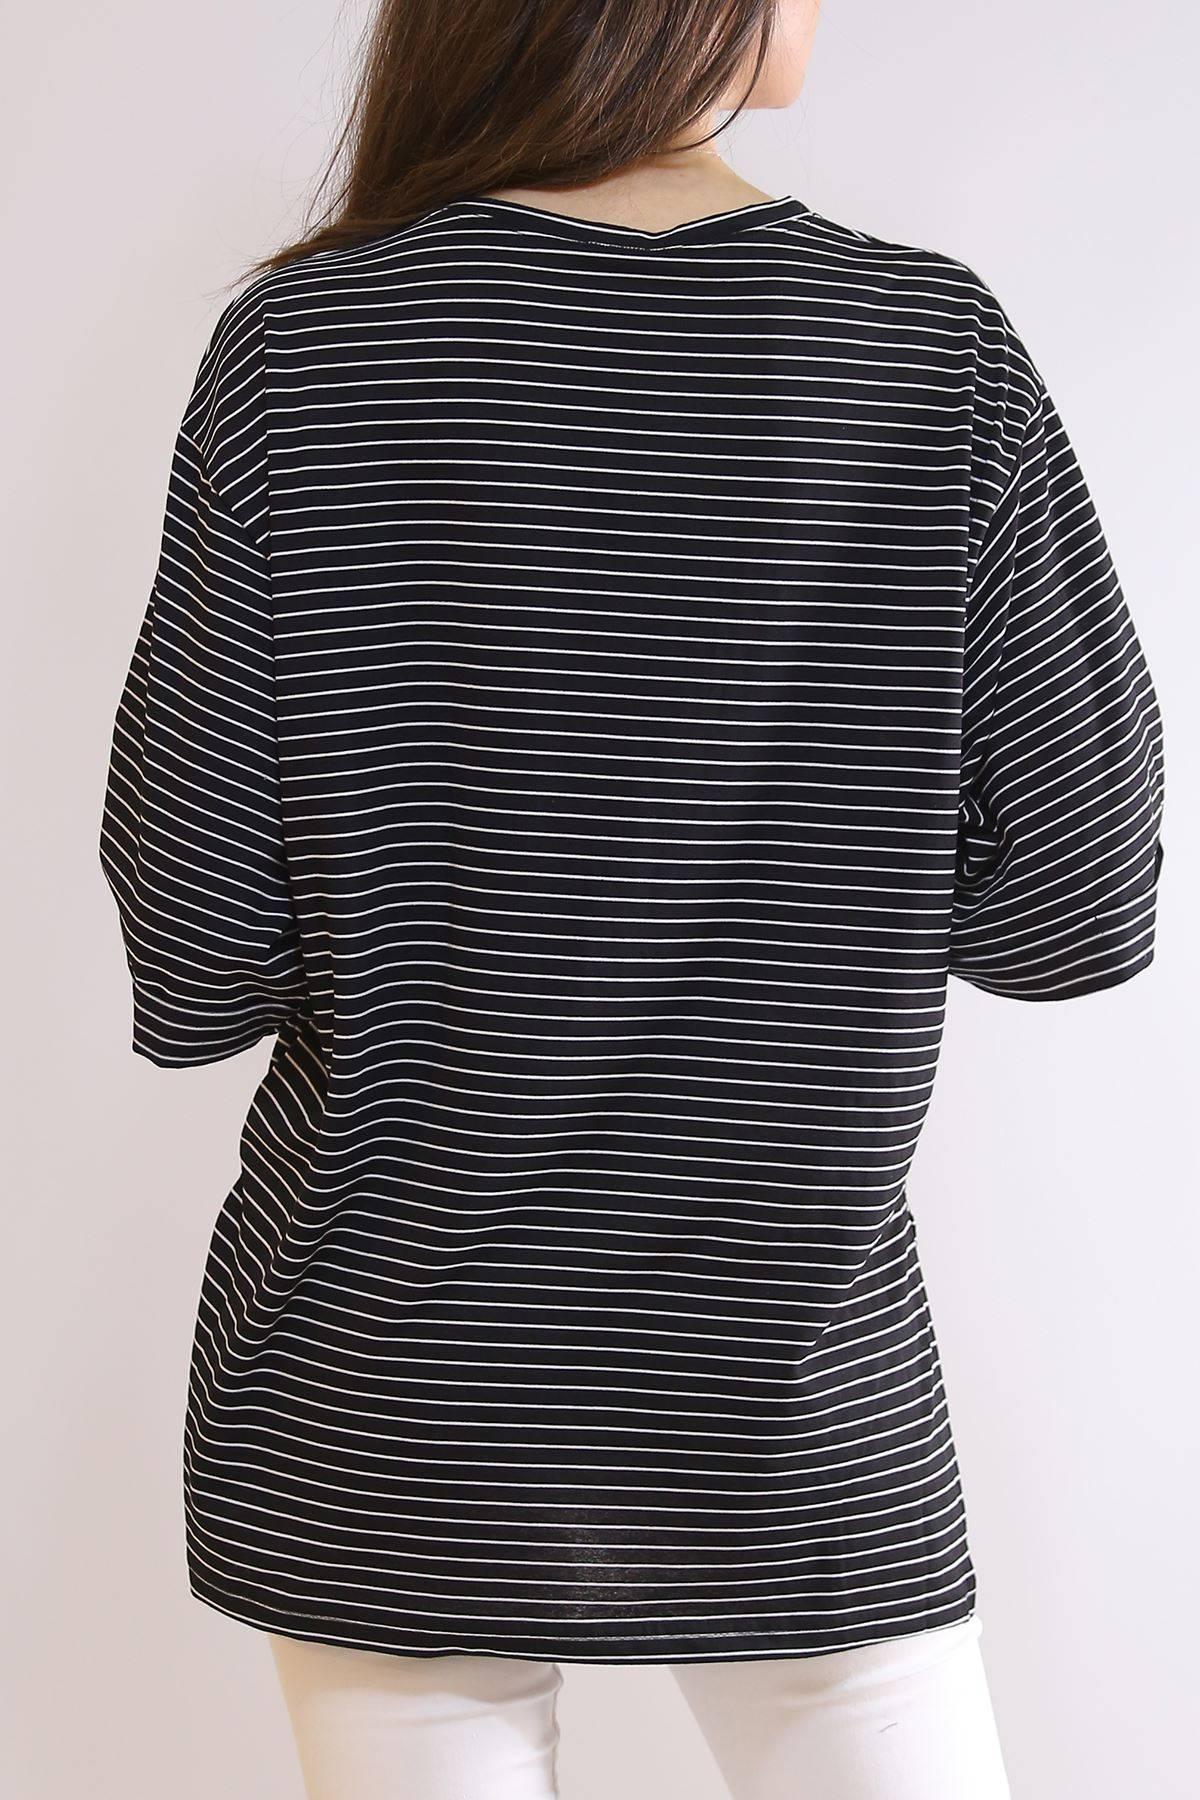 Çizgili Salaş Tişört Siyah - 2684.105.